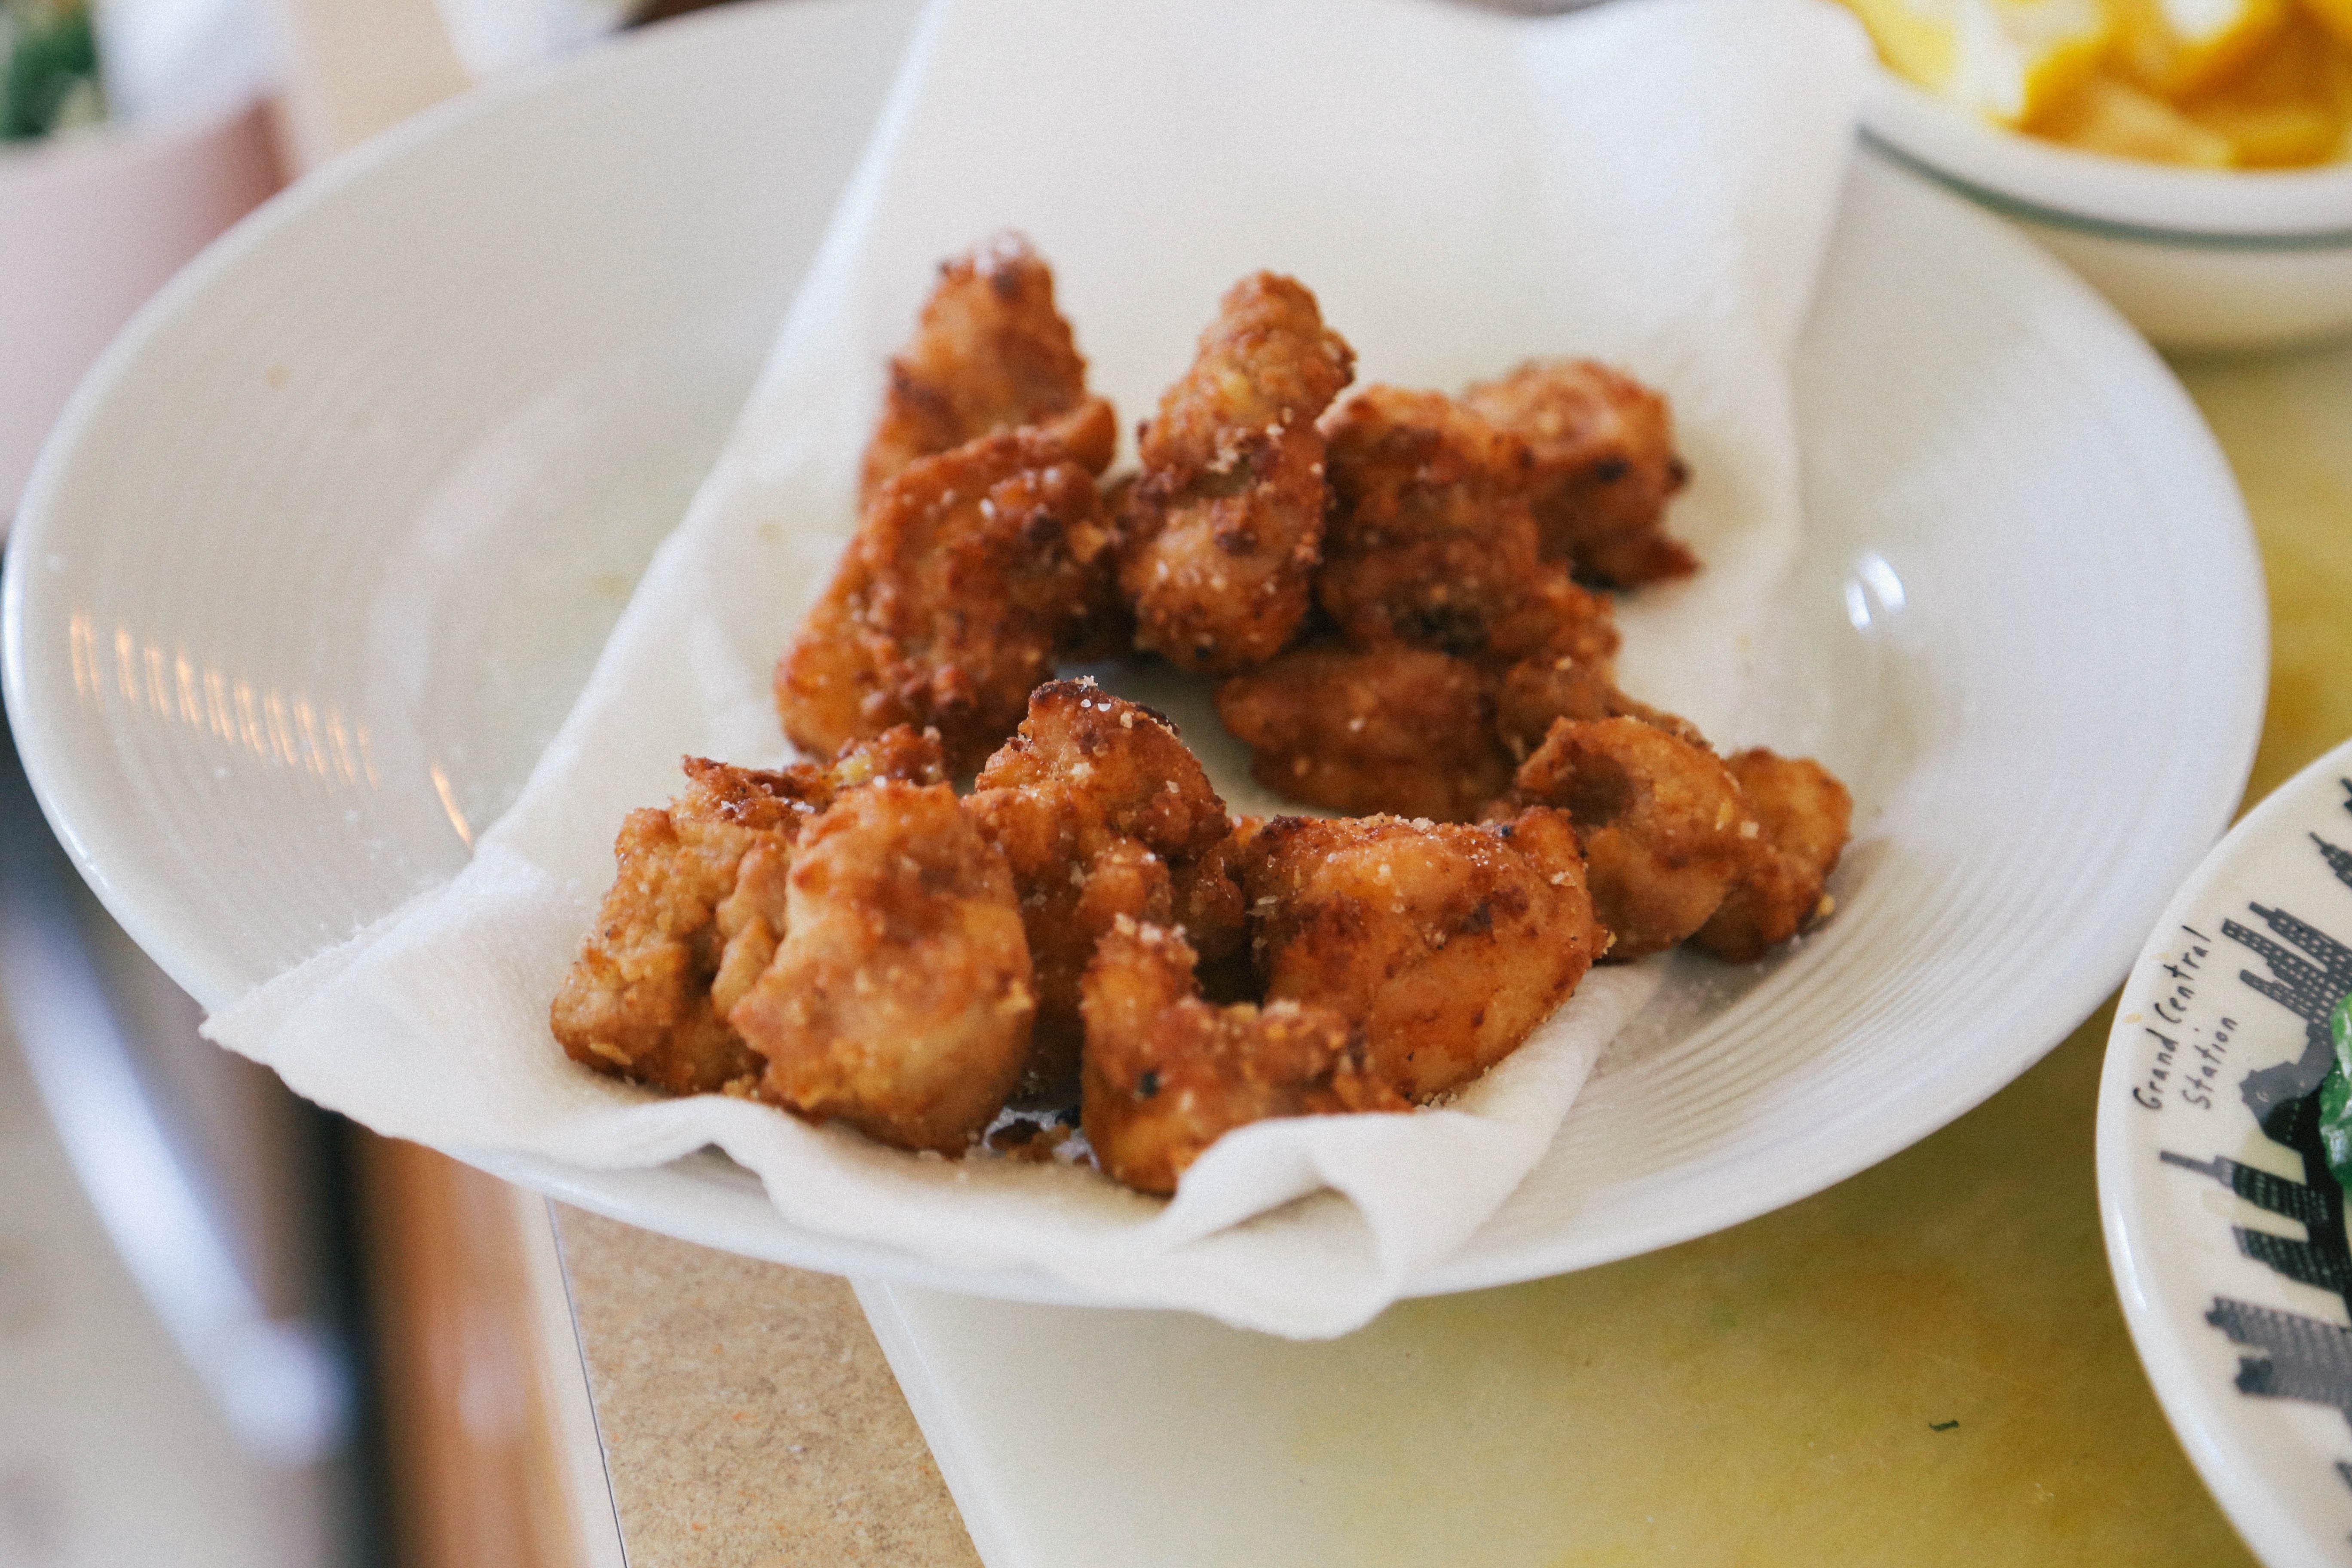 Tokyo Fried Chicken  Japanese Fried Chicken Recipe — Dishmaps